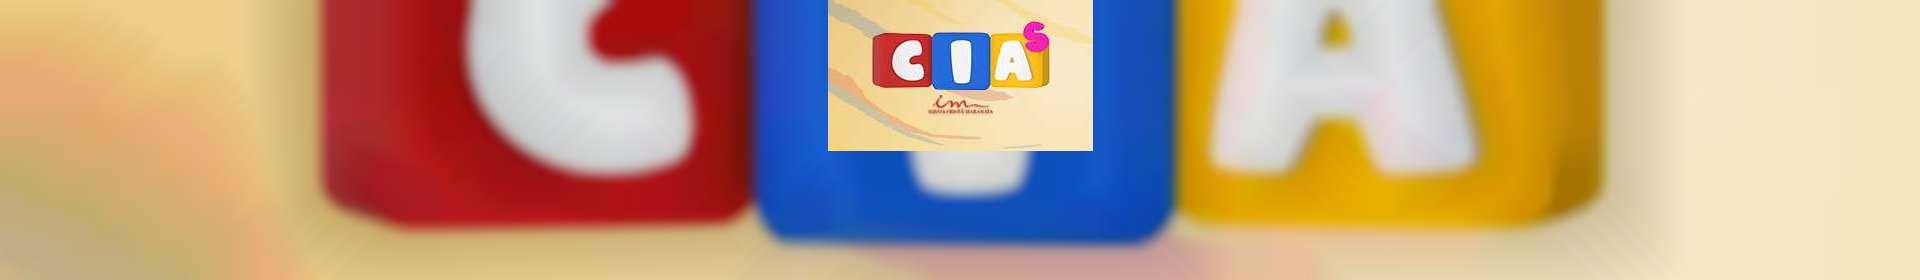 Aula de CIAS: classe de 3 a 7 anos - 03 de setembro de 2020